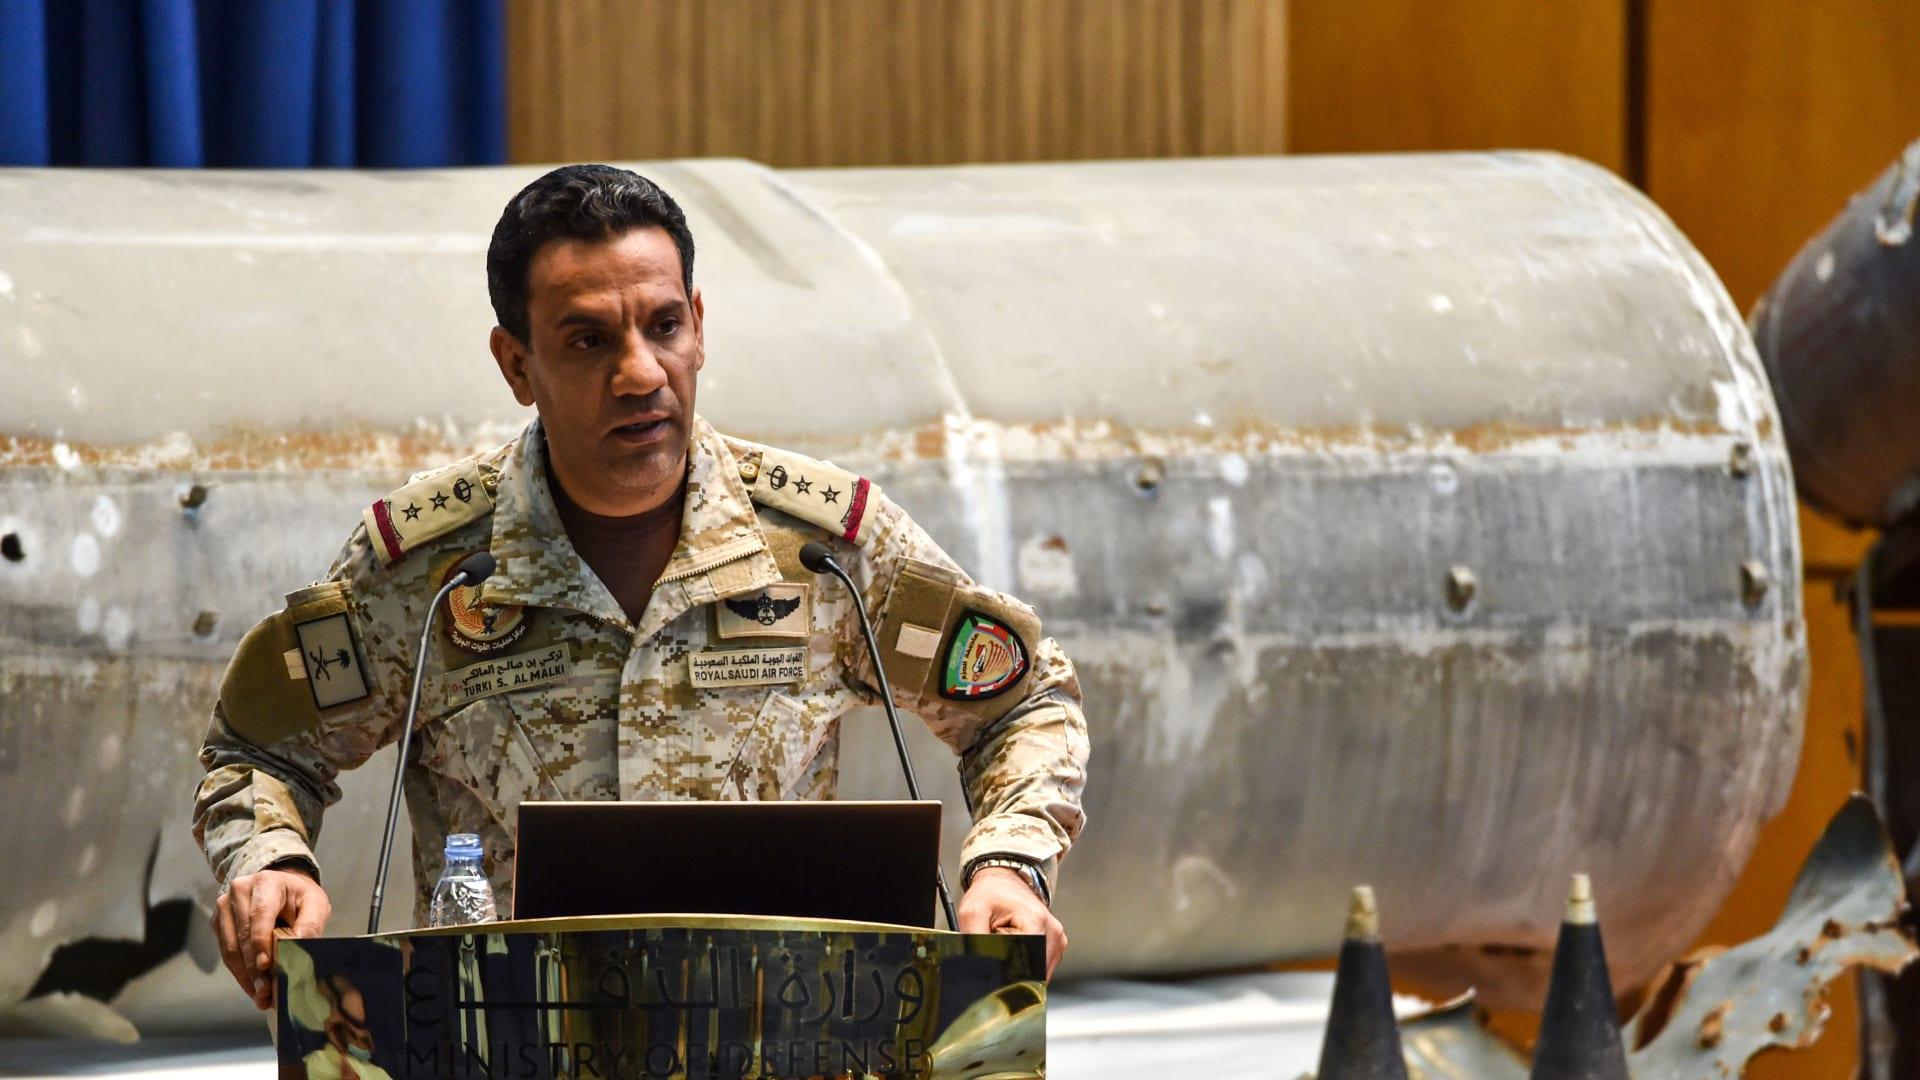 المتحدث باسم التحالف في اليمن العميد تركي المالكي